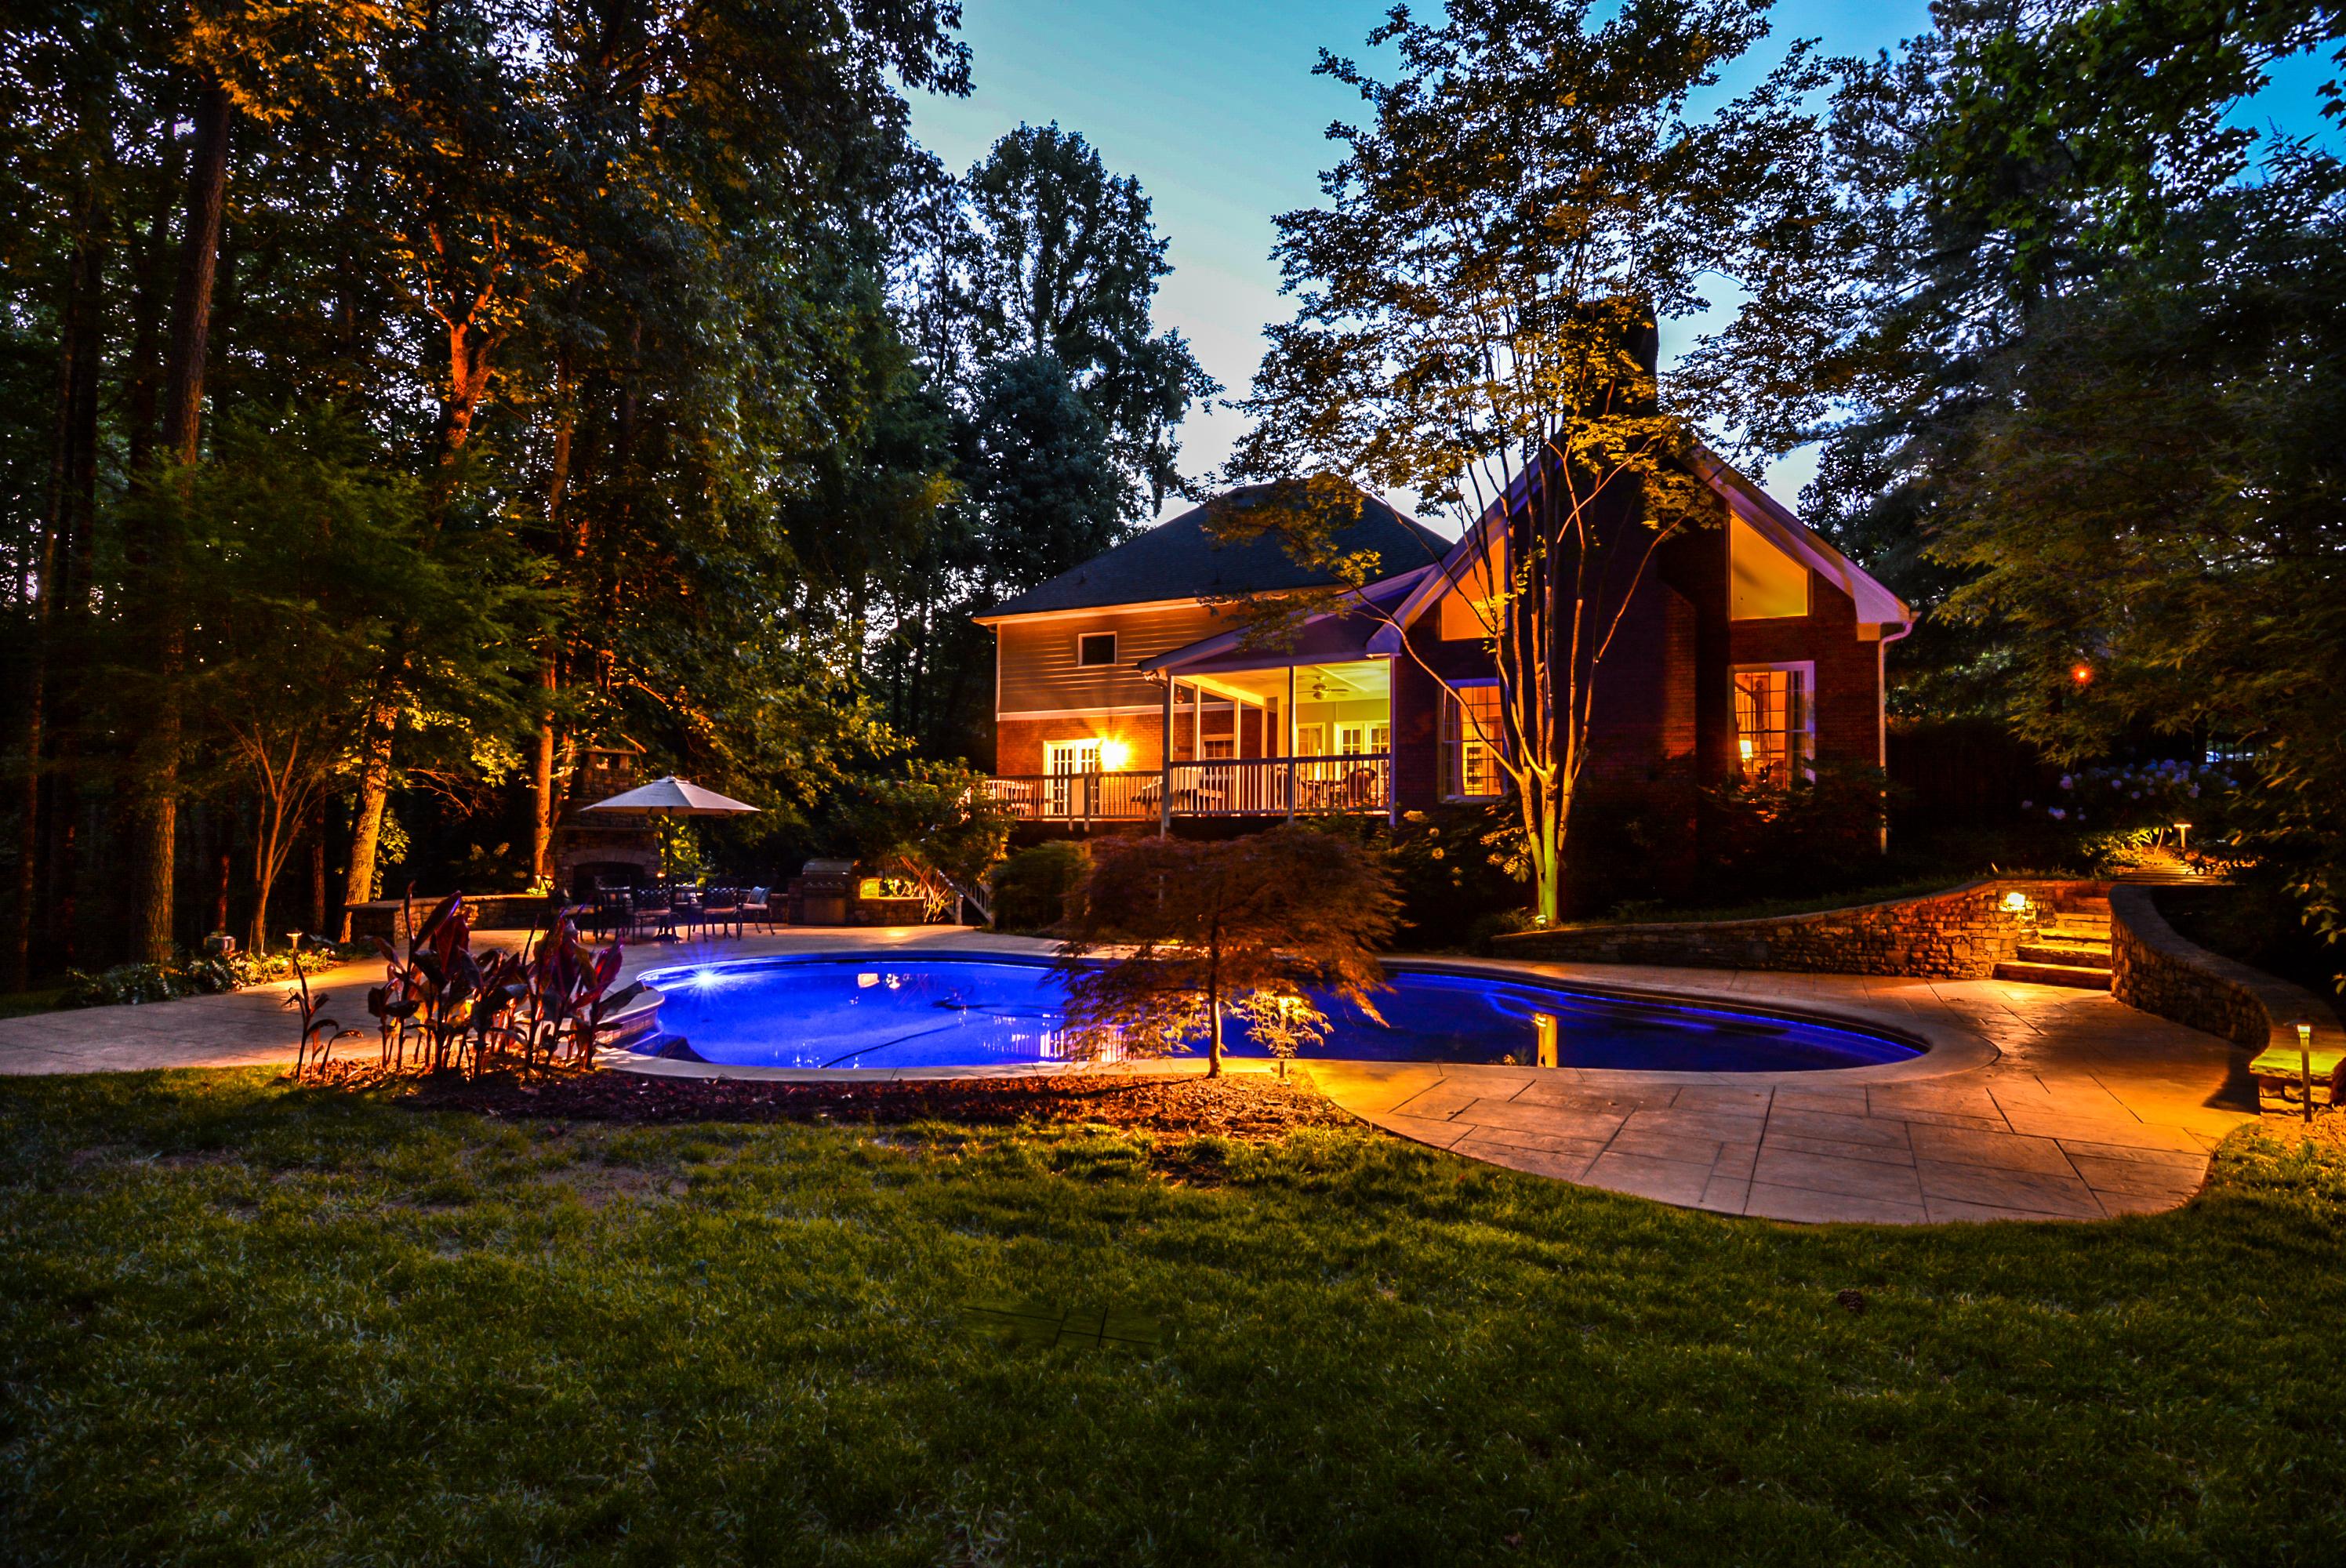 Twilight Pool